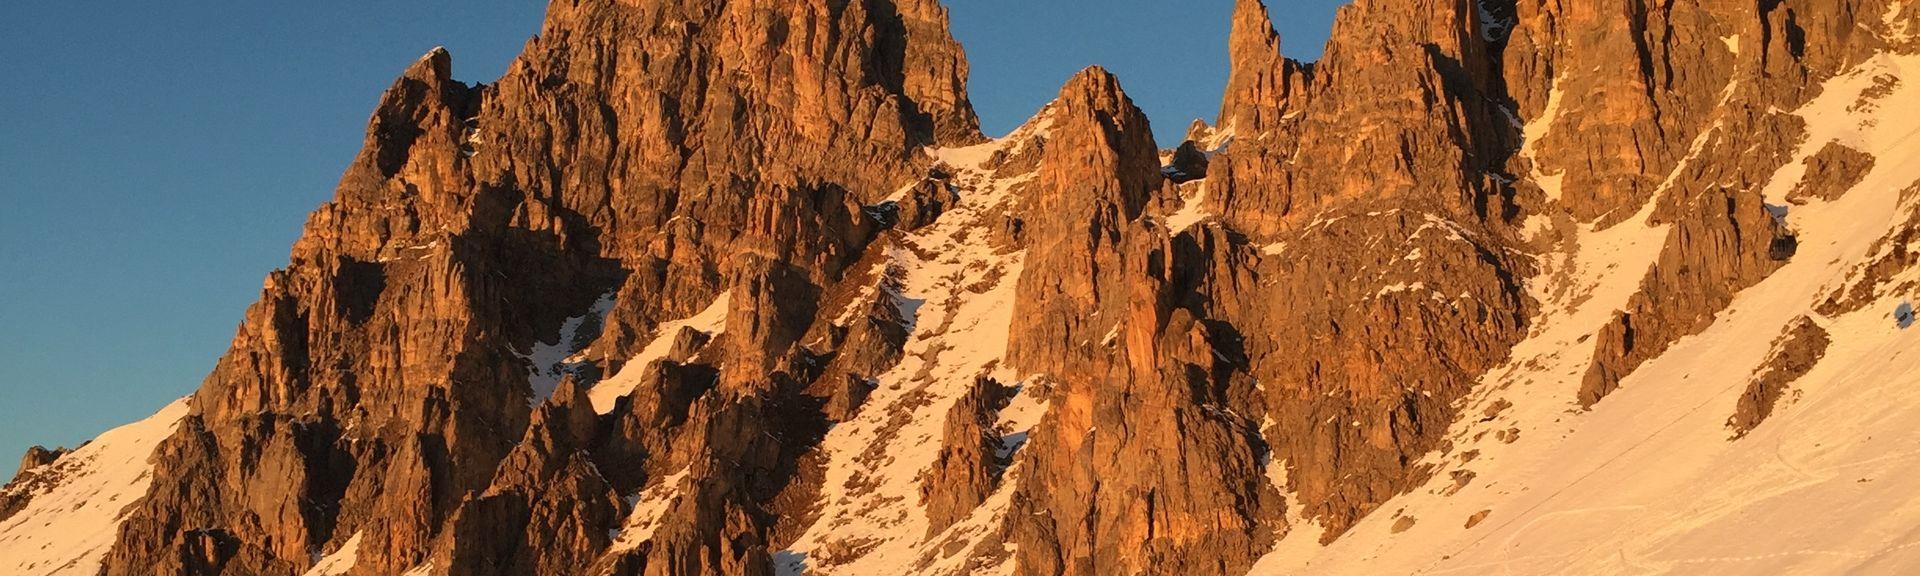 Estância de Esqui de Meribel, Les Allues, Auvérnia-Ródano-Alpes, França